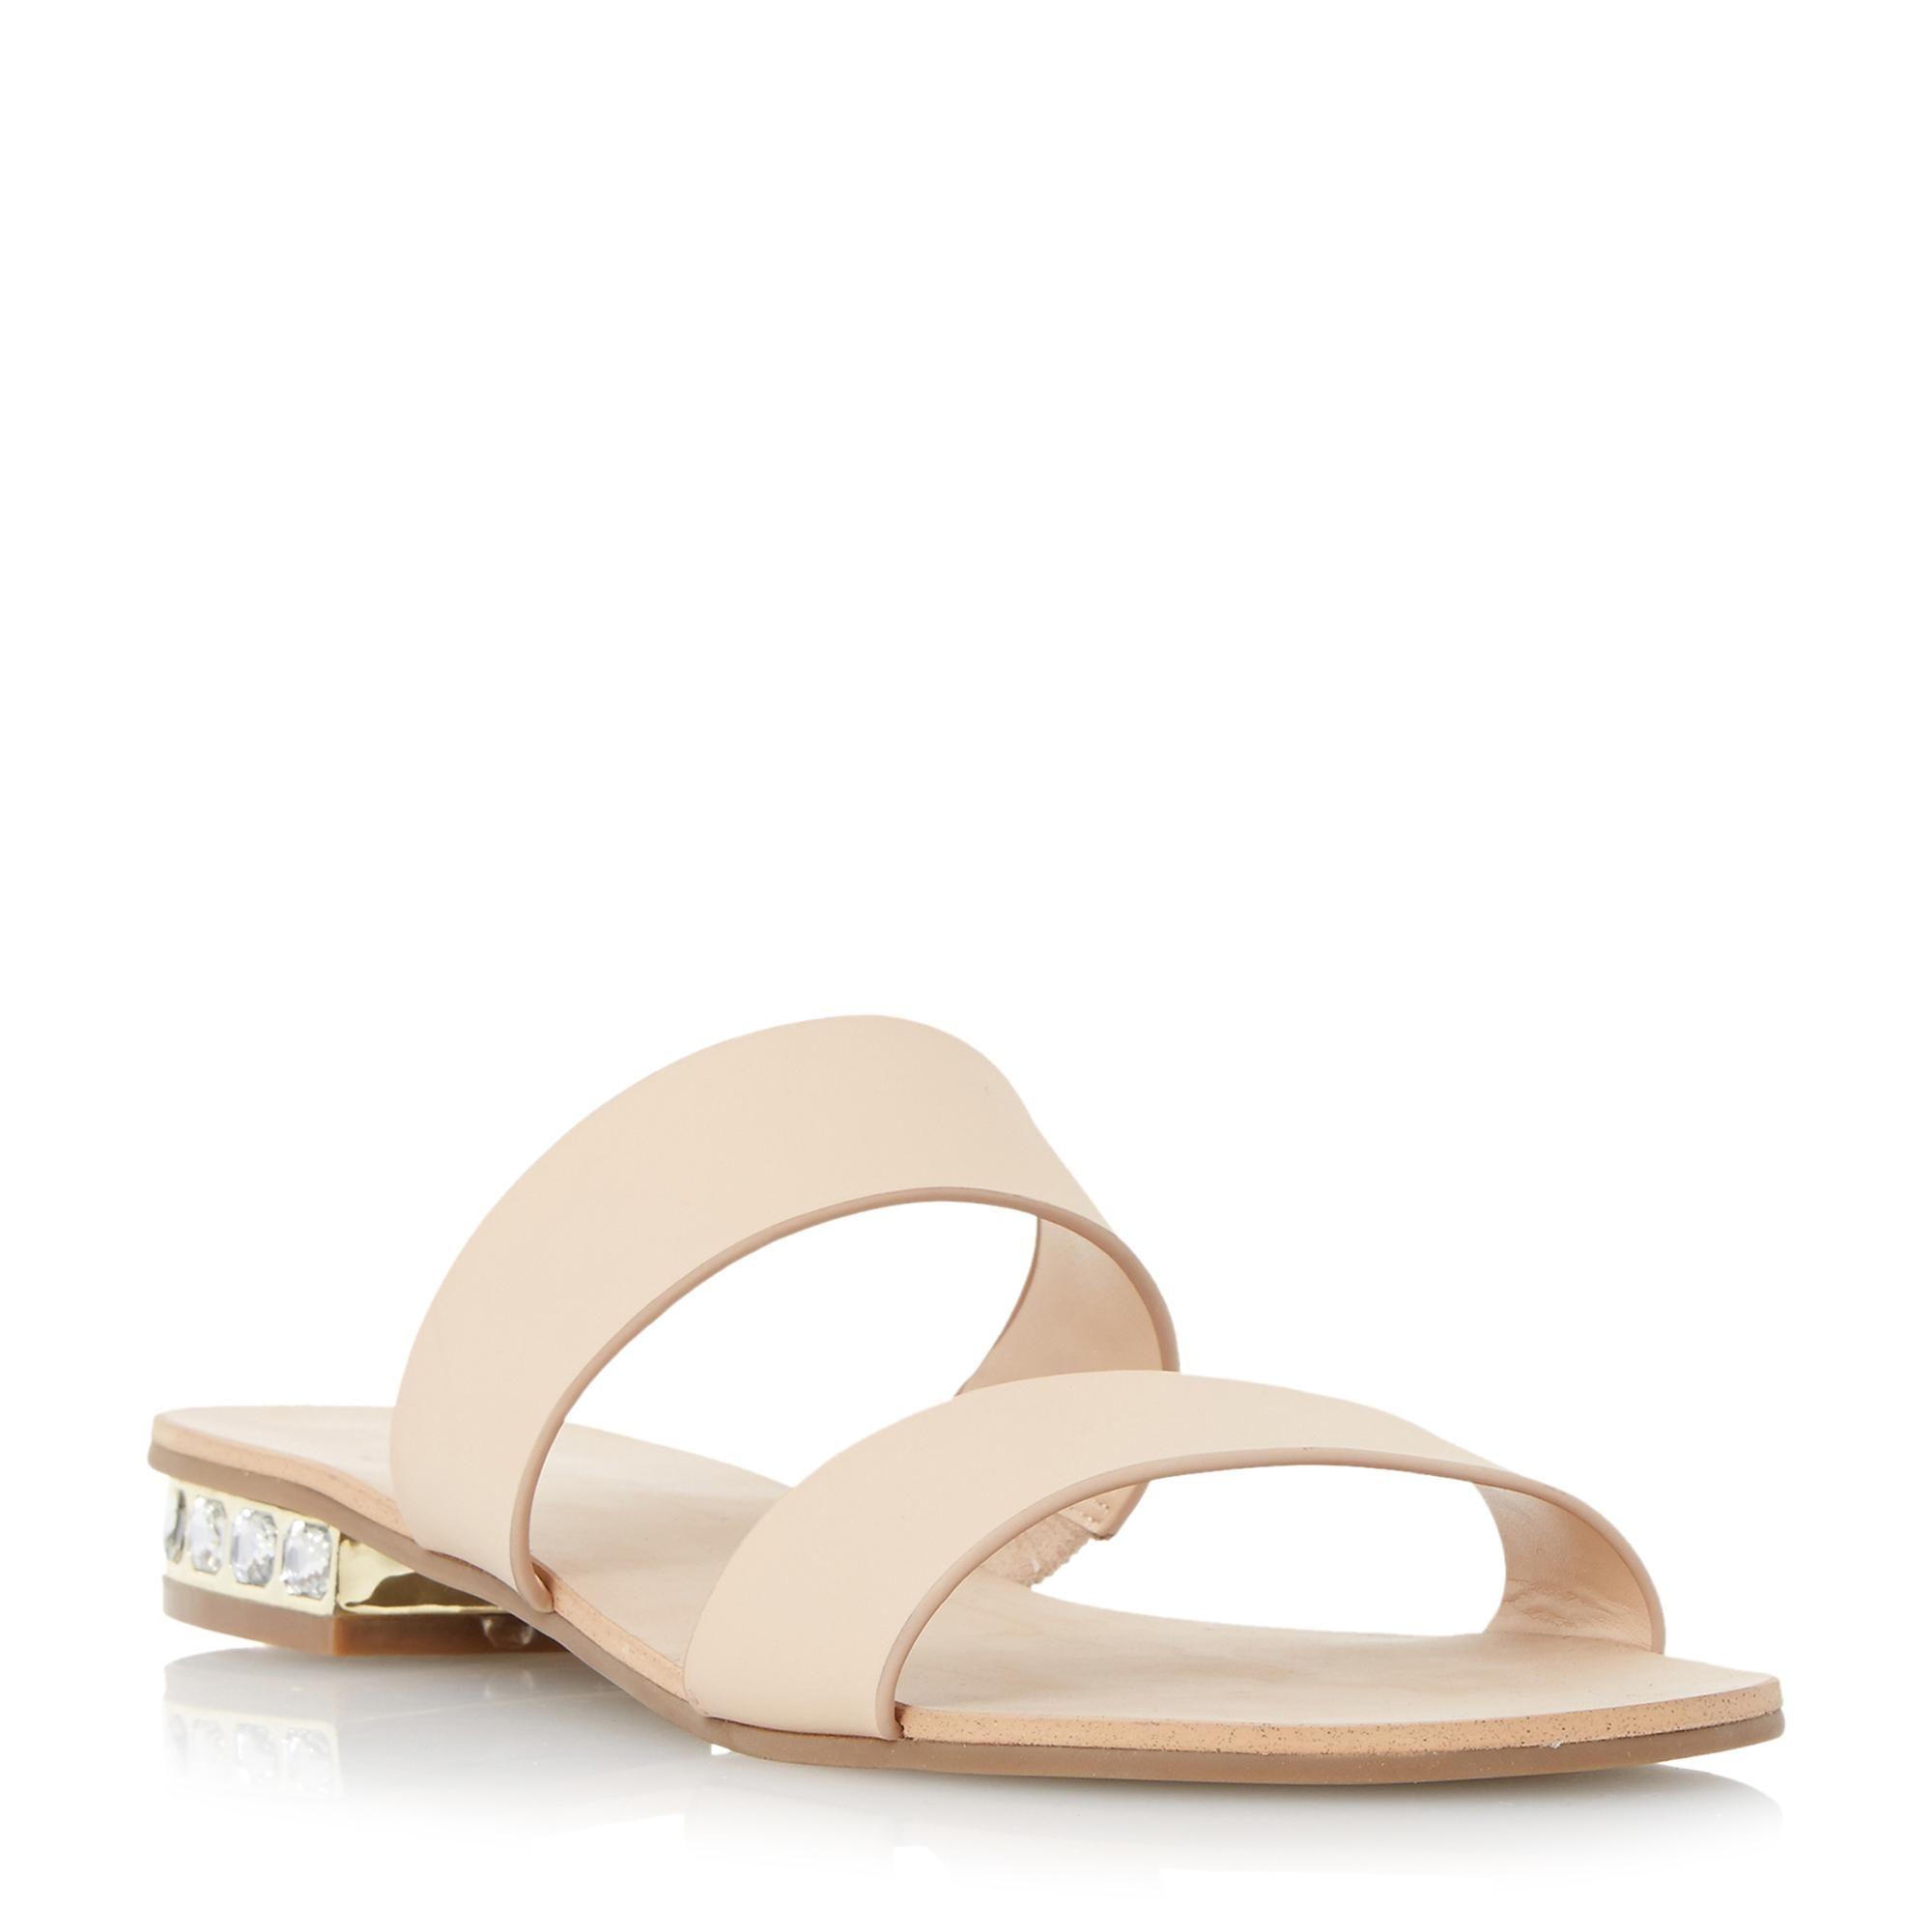 67f5ed473f1334 DUNE LADIES NESHA - Jewel Heel Double Strap Flat Sandal - nude ...